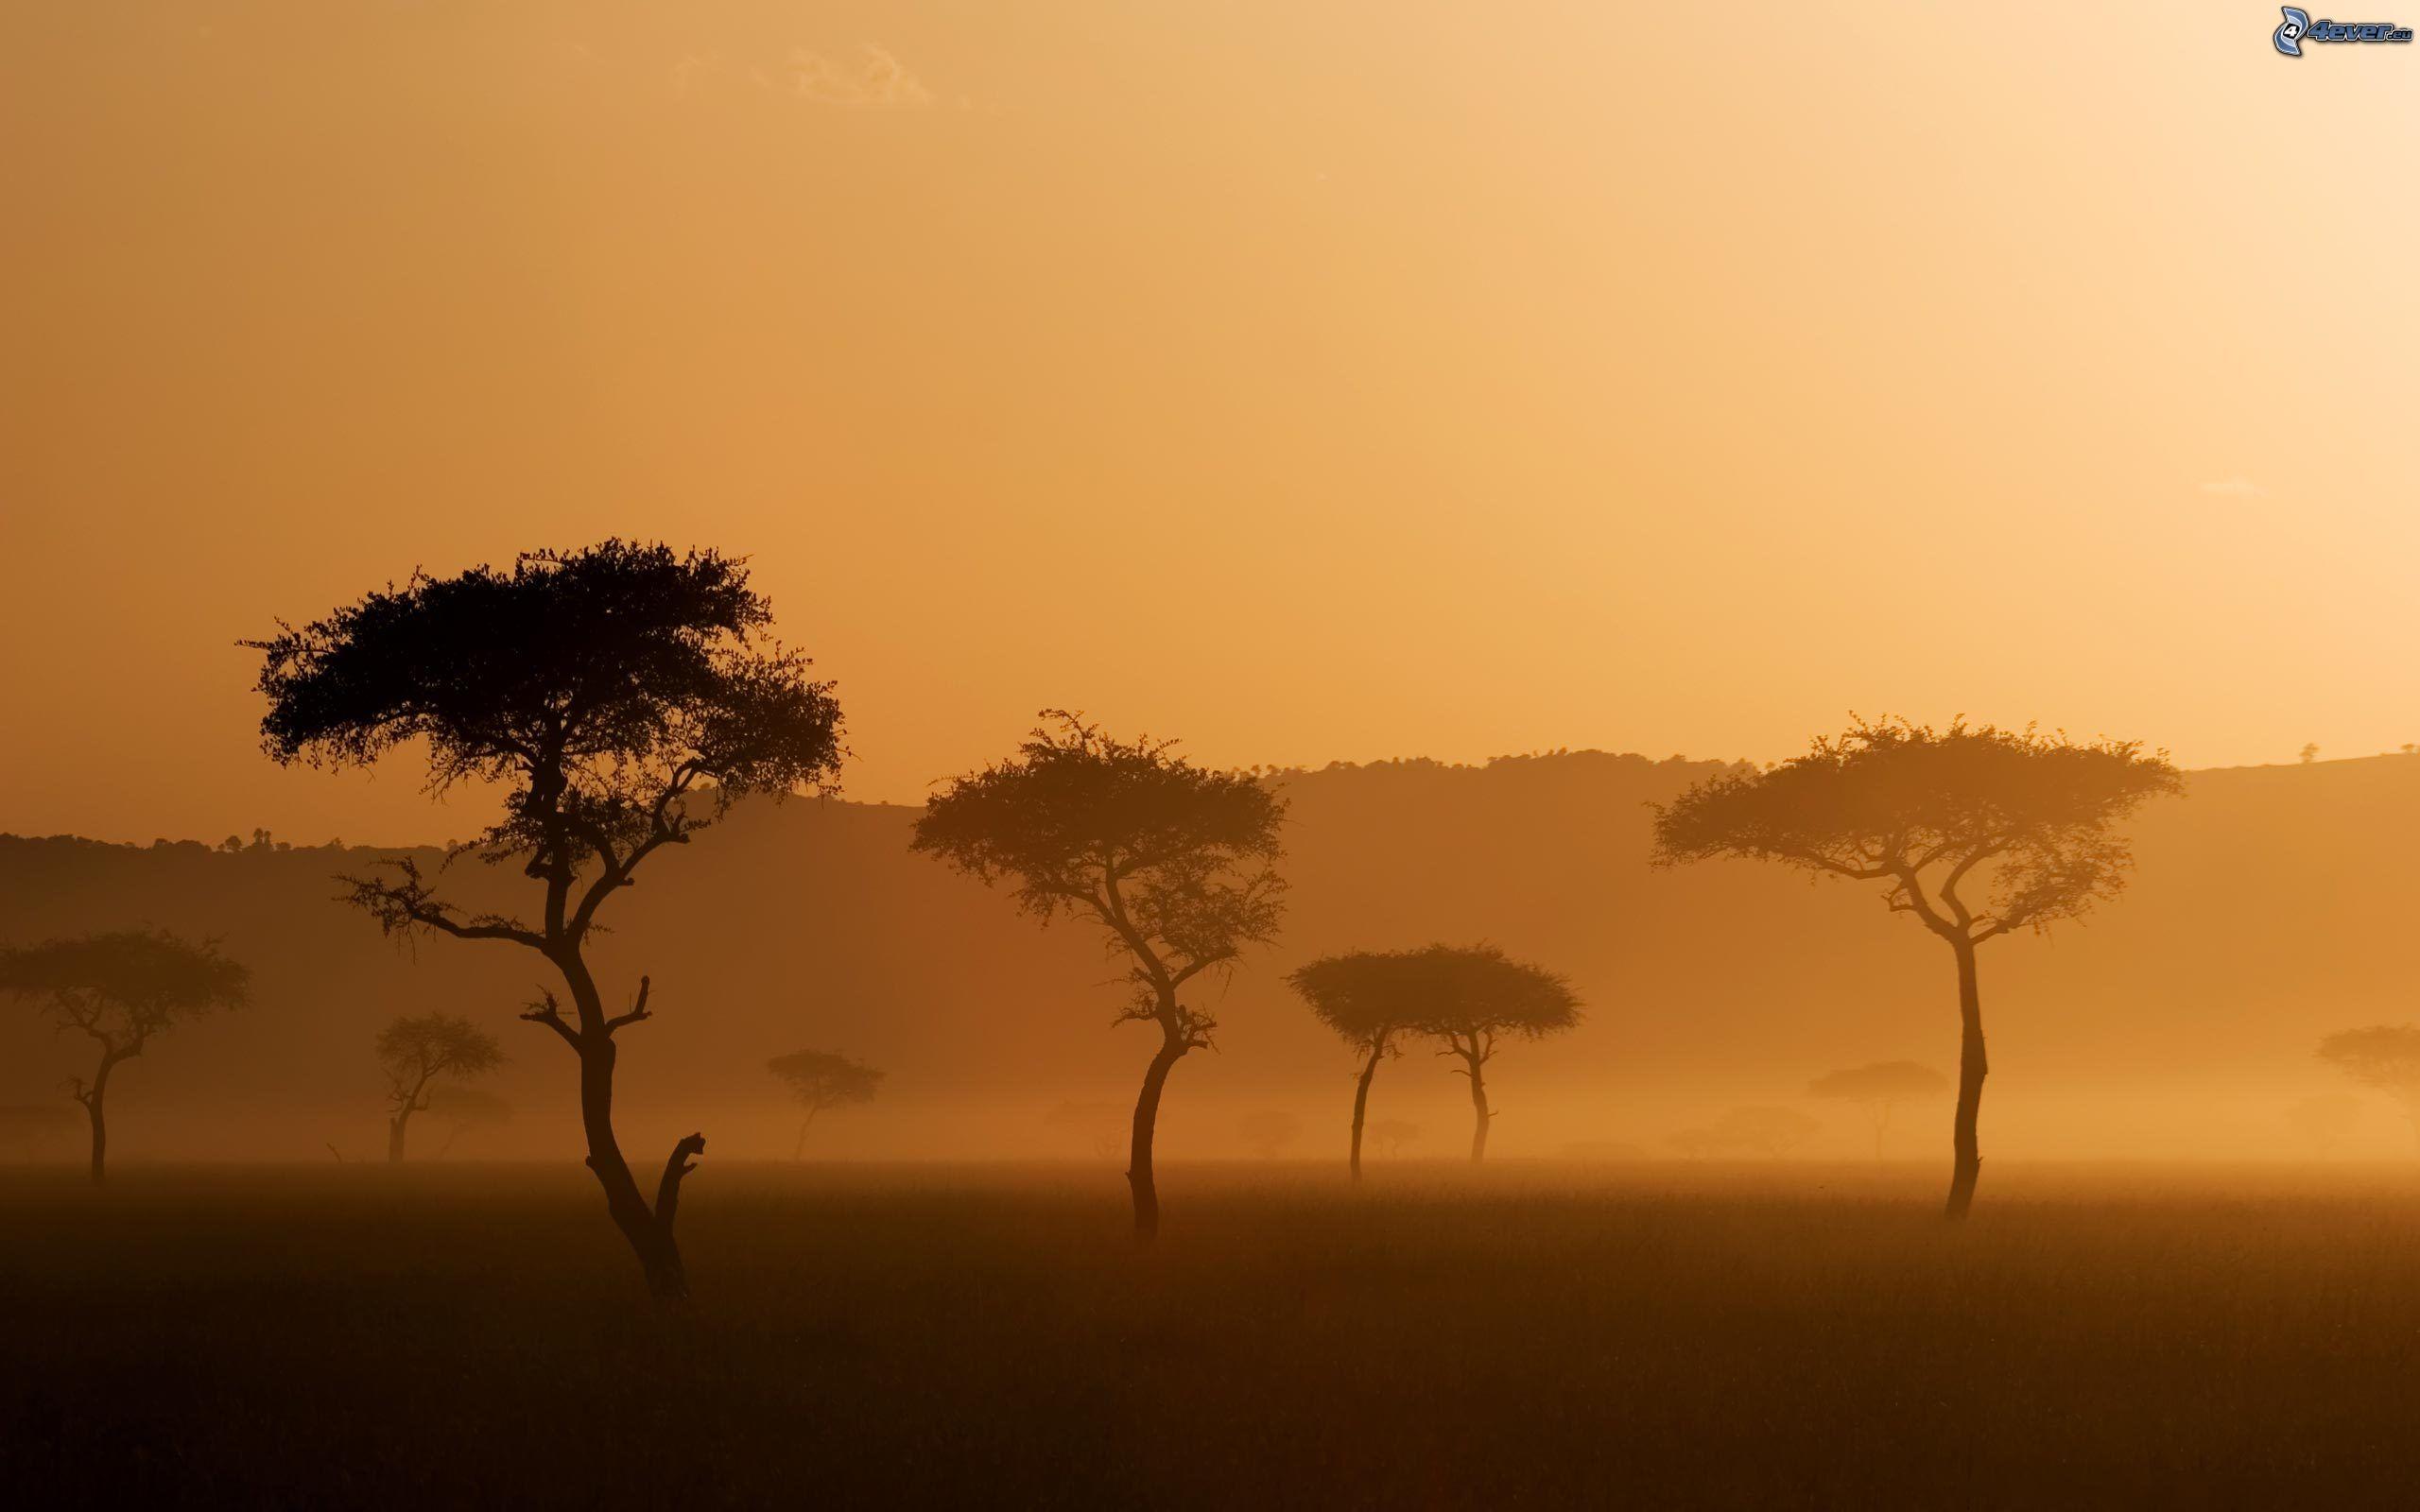 zonas climaticas del mundo Sabana,-arboles,-niebla-baja-152933